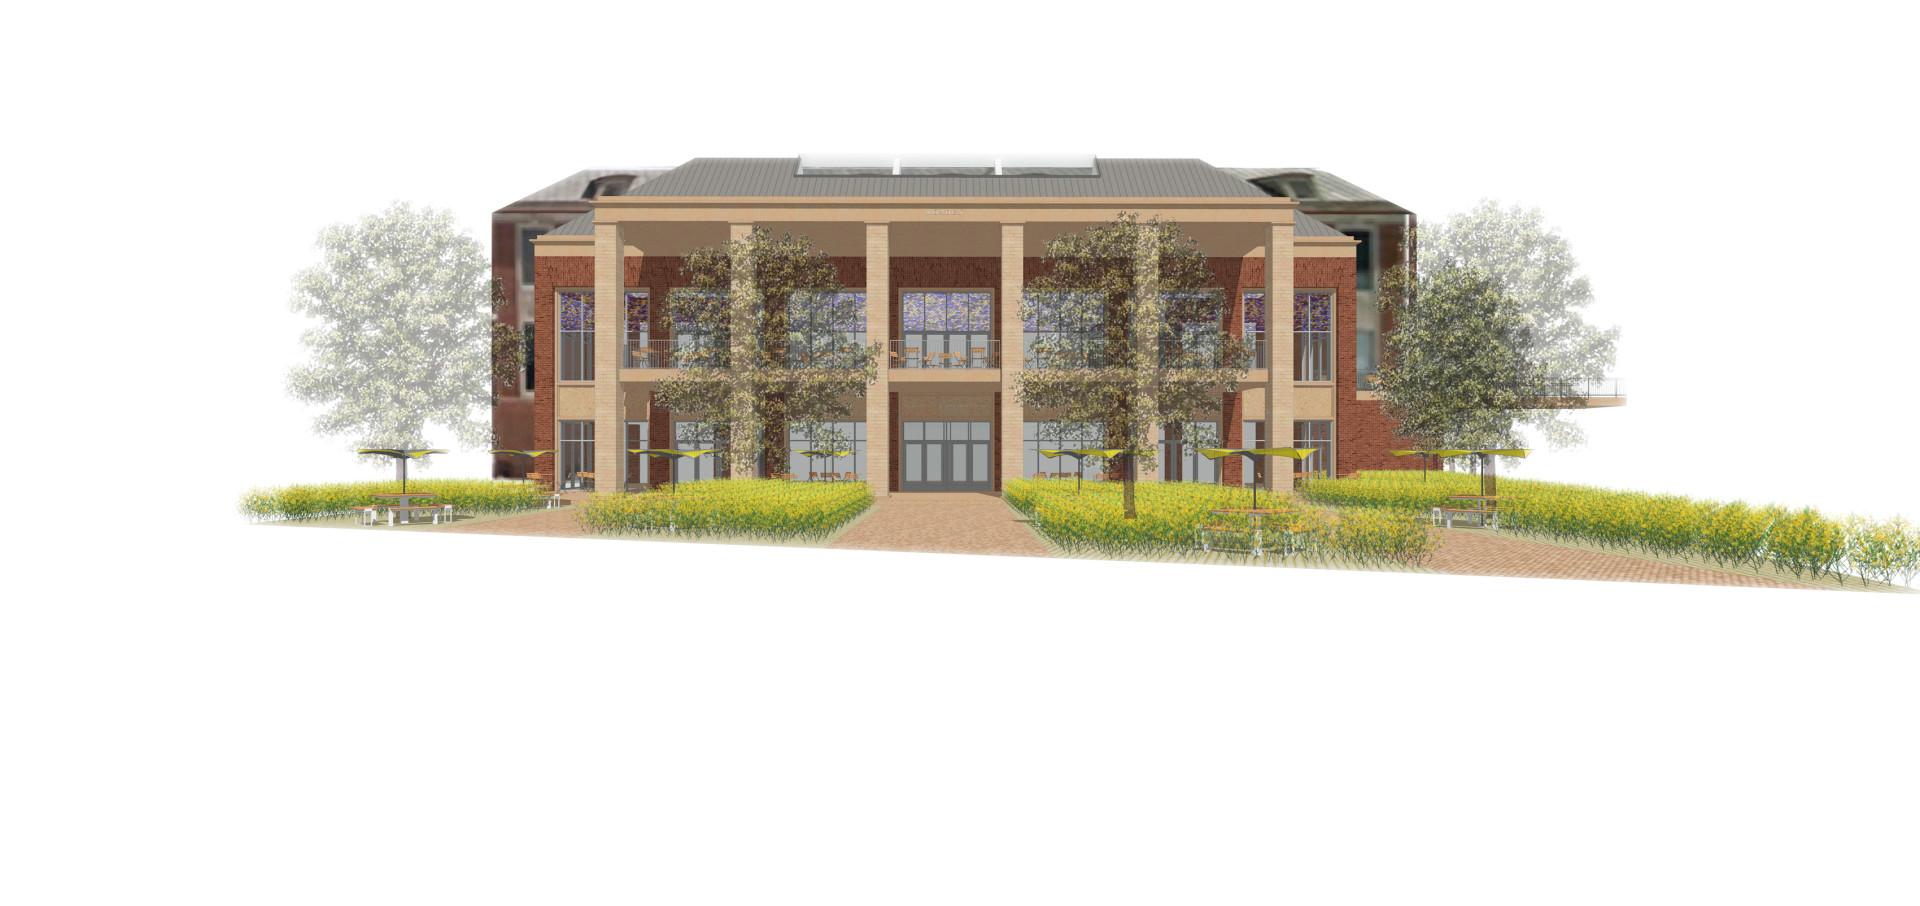 West elevation design rendering